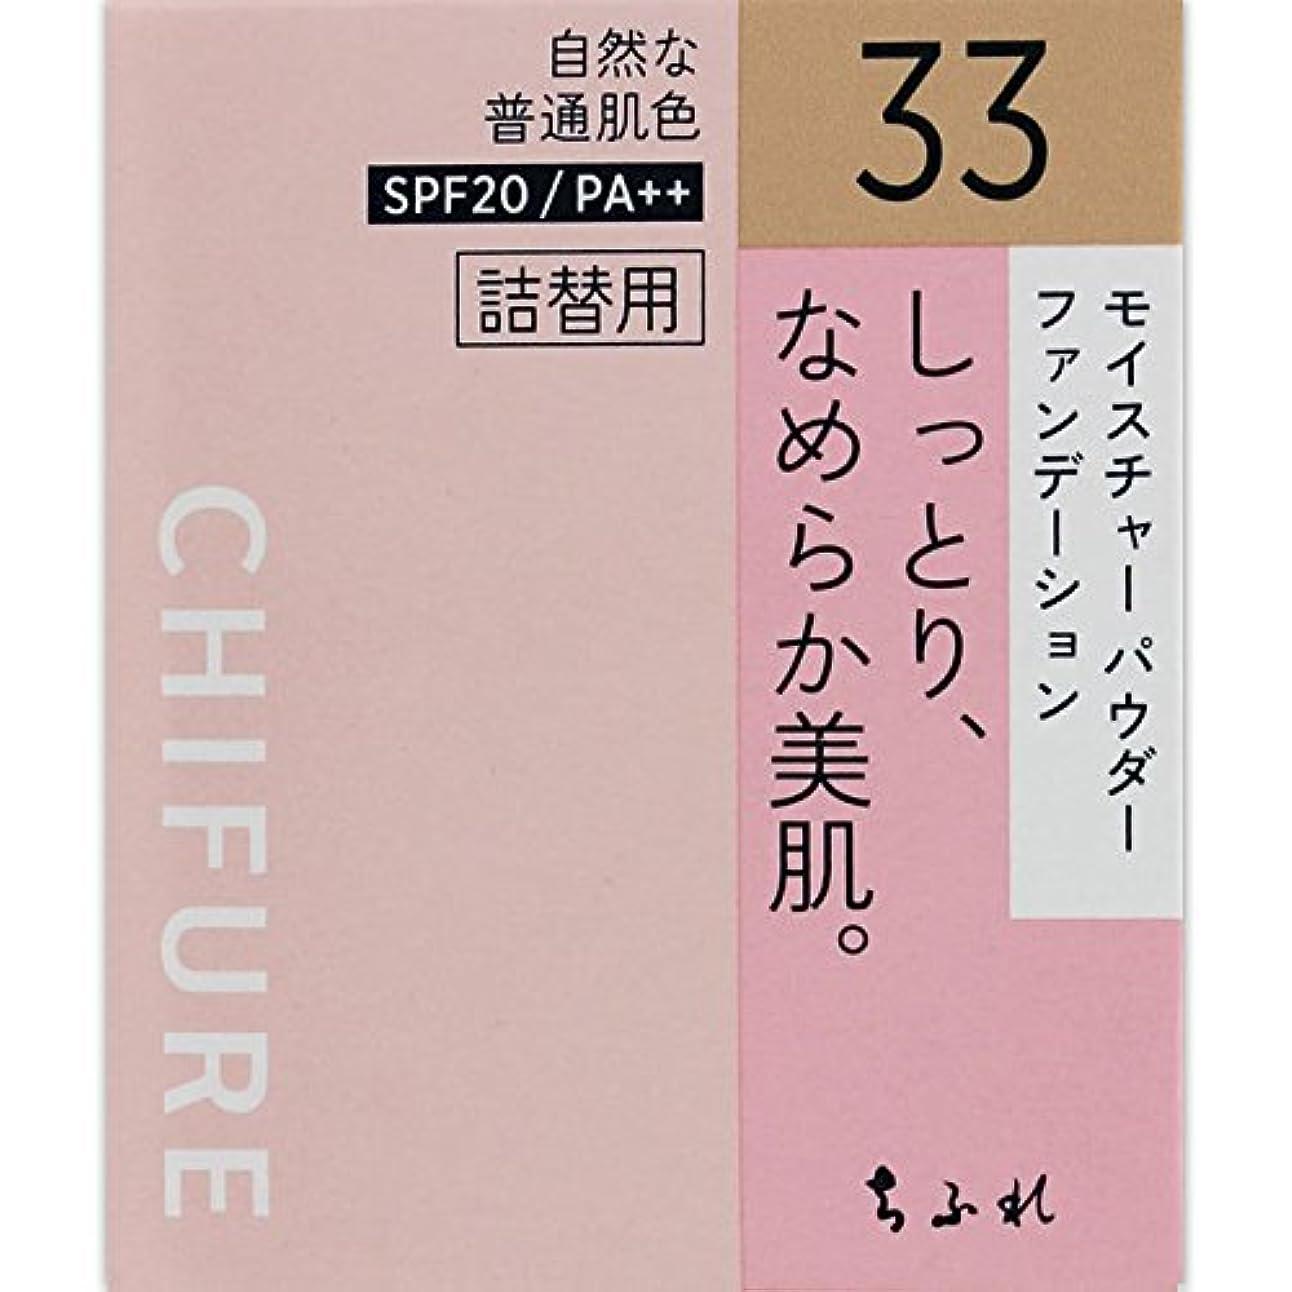 米国関係する平衡ちふれ化粧品 モイスチャー パウダーファンデーション 詰替用 オークル系 MパウダーFD詰替用33